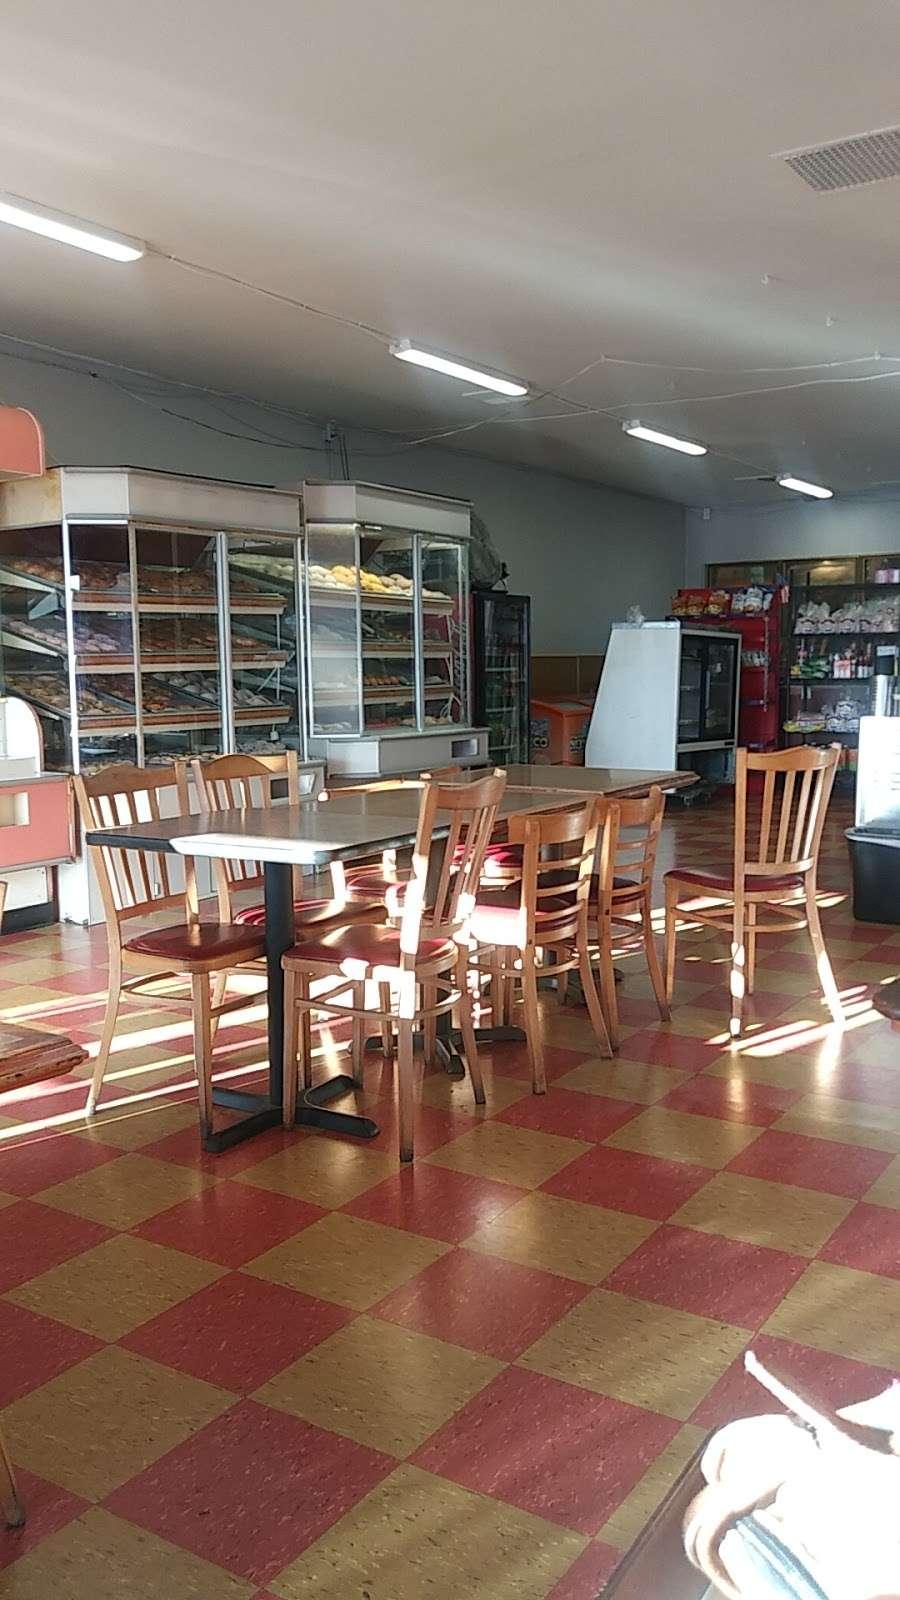 Bakery Taqueria Uno - bakery  | Photo 6 of 10 | Address: 36601 Newark Blvd #17, Newark, CA 94560, USA | Phone: (510) 494-0101